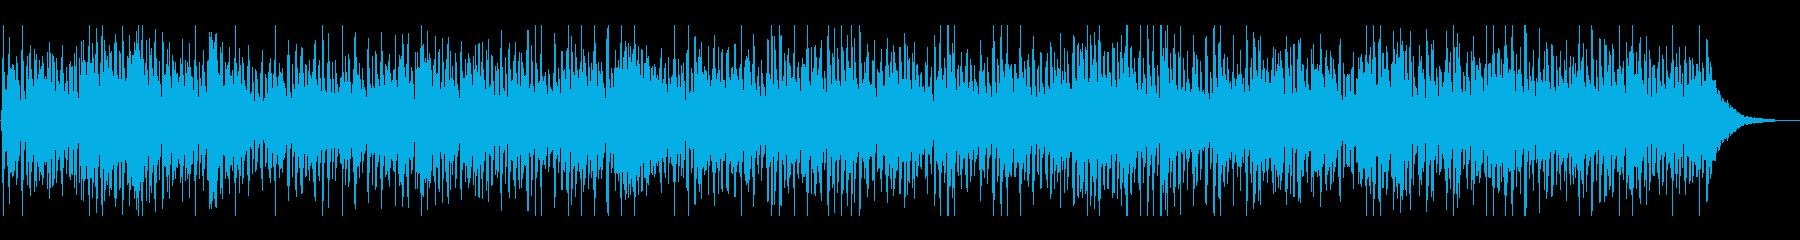 ファンキーでおしゃれな大人エレピジャズの再生済みの波形